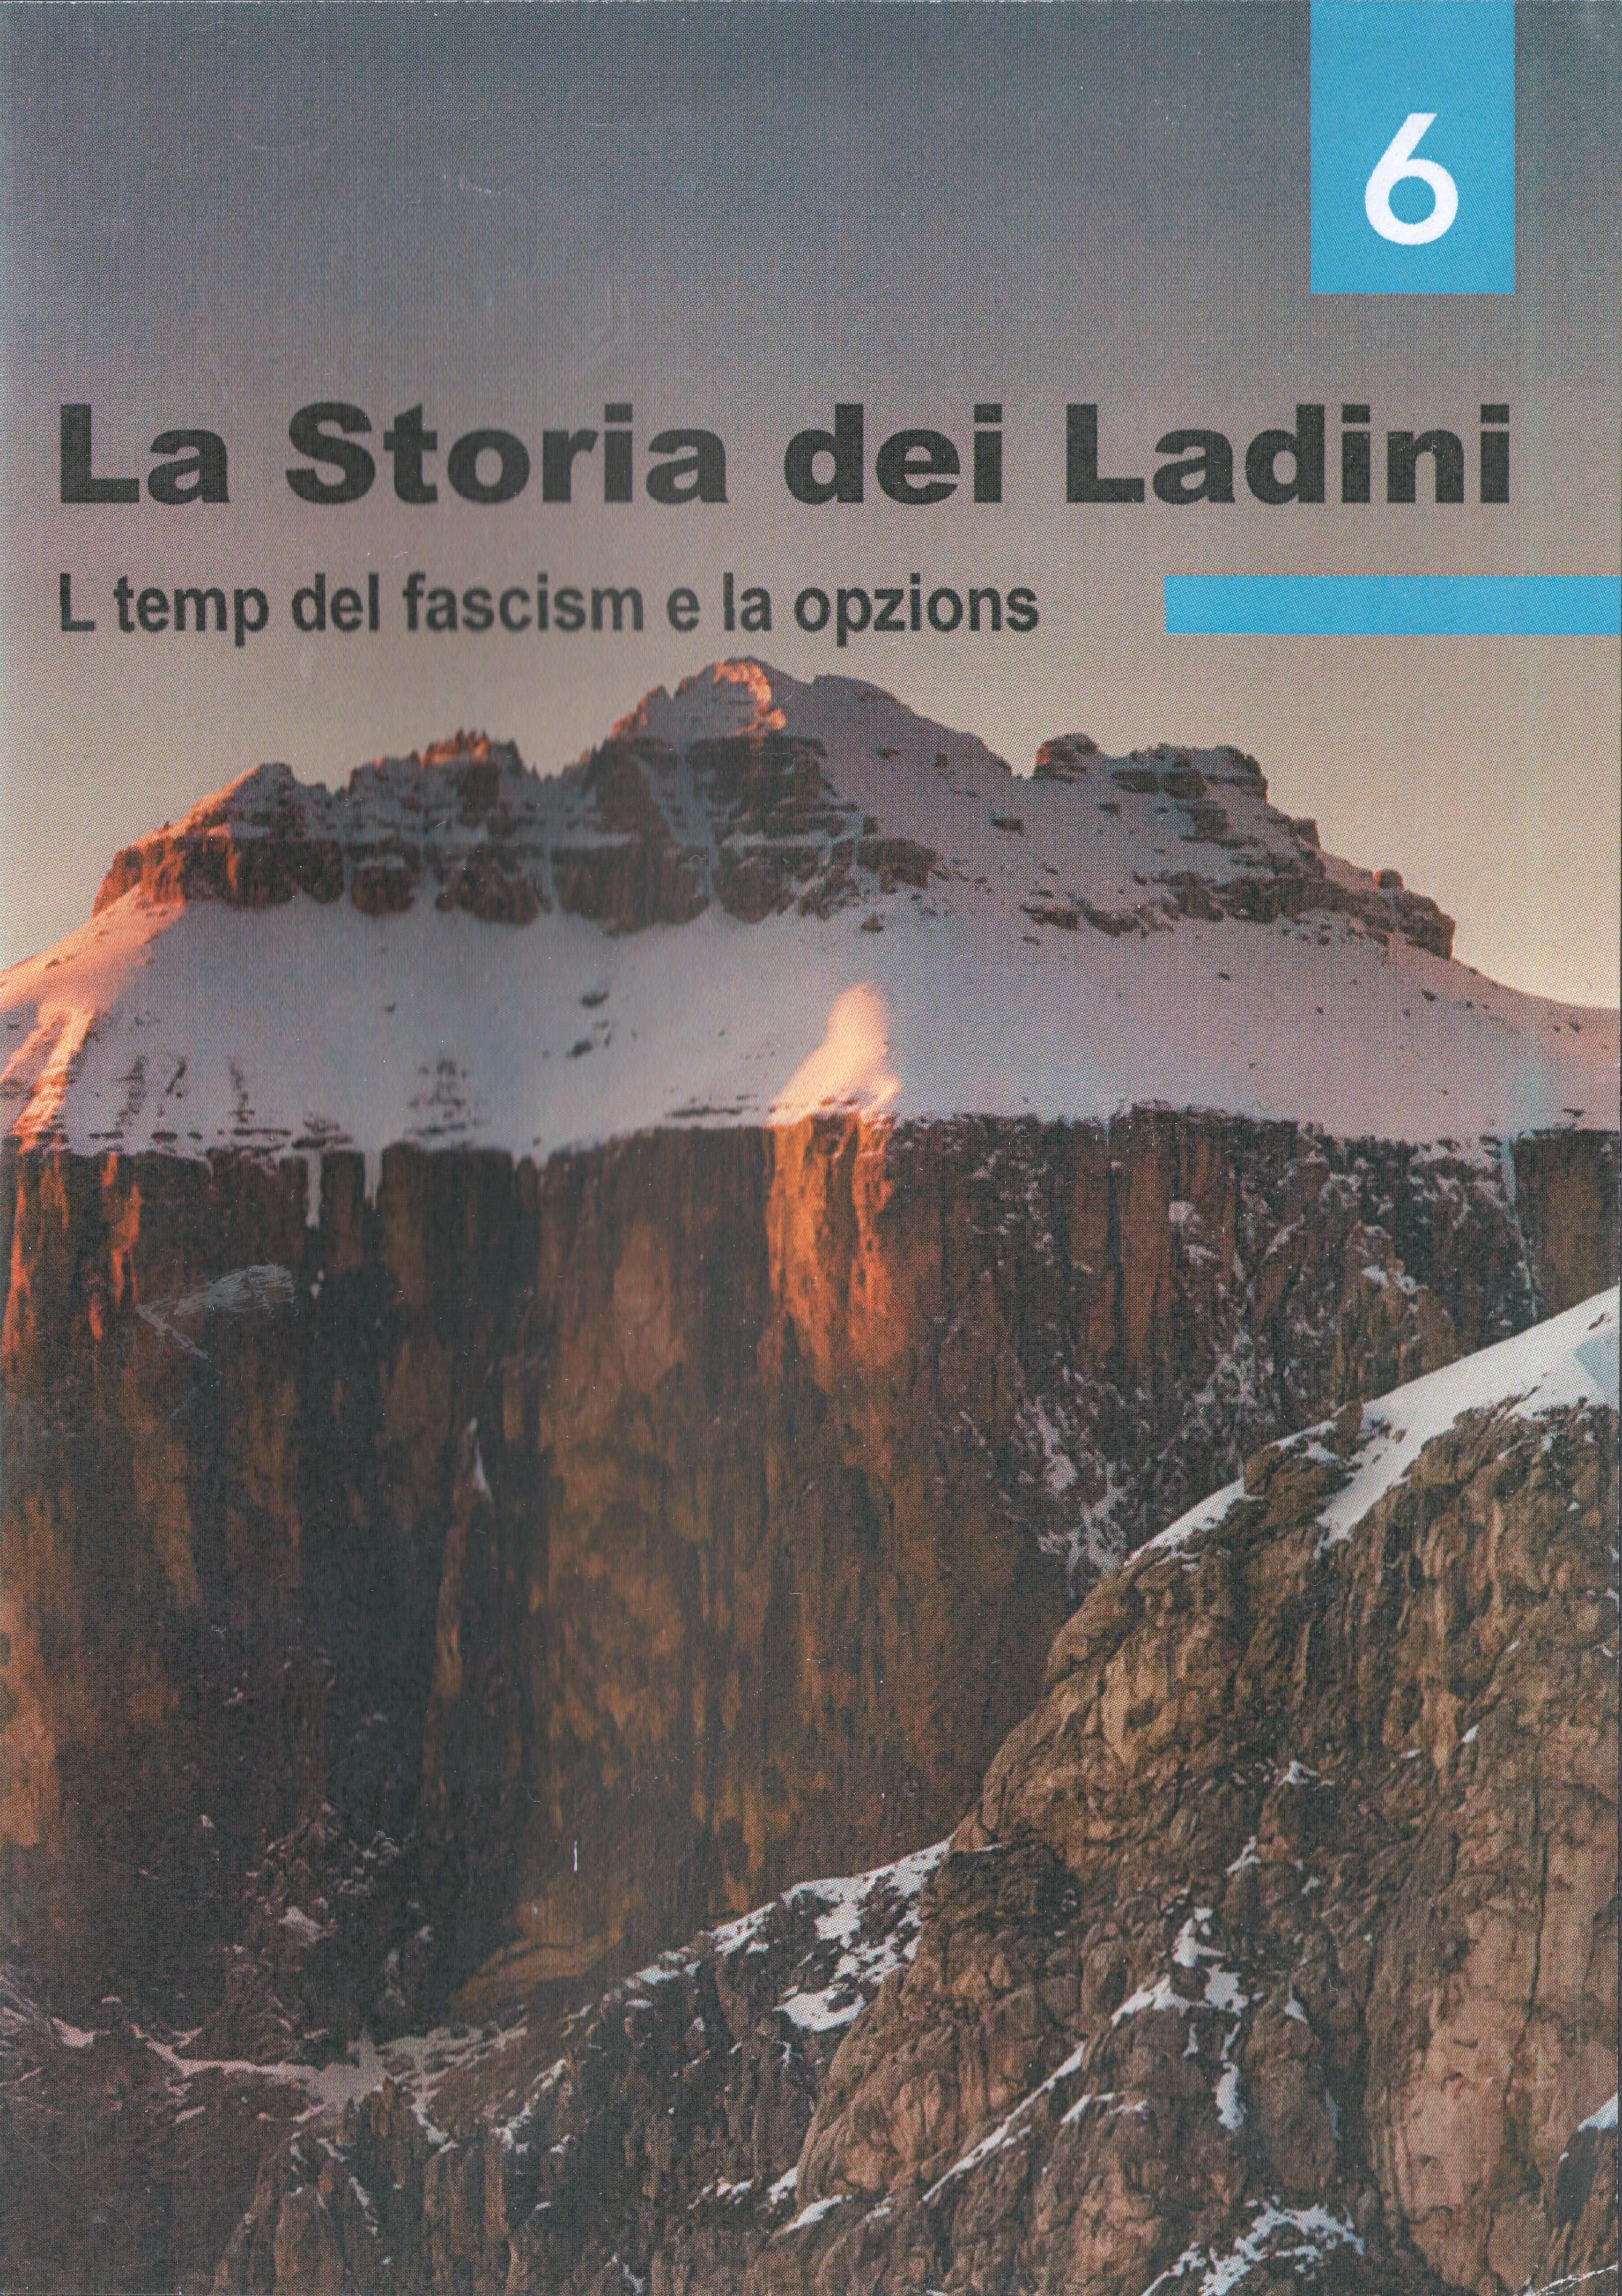 La Storia dei Ladini 6 L temp dal fascism e la opzions